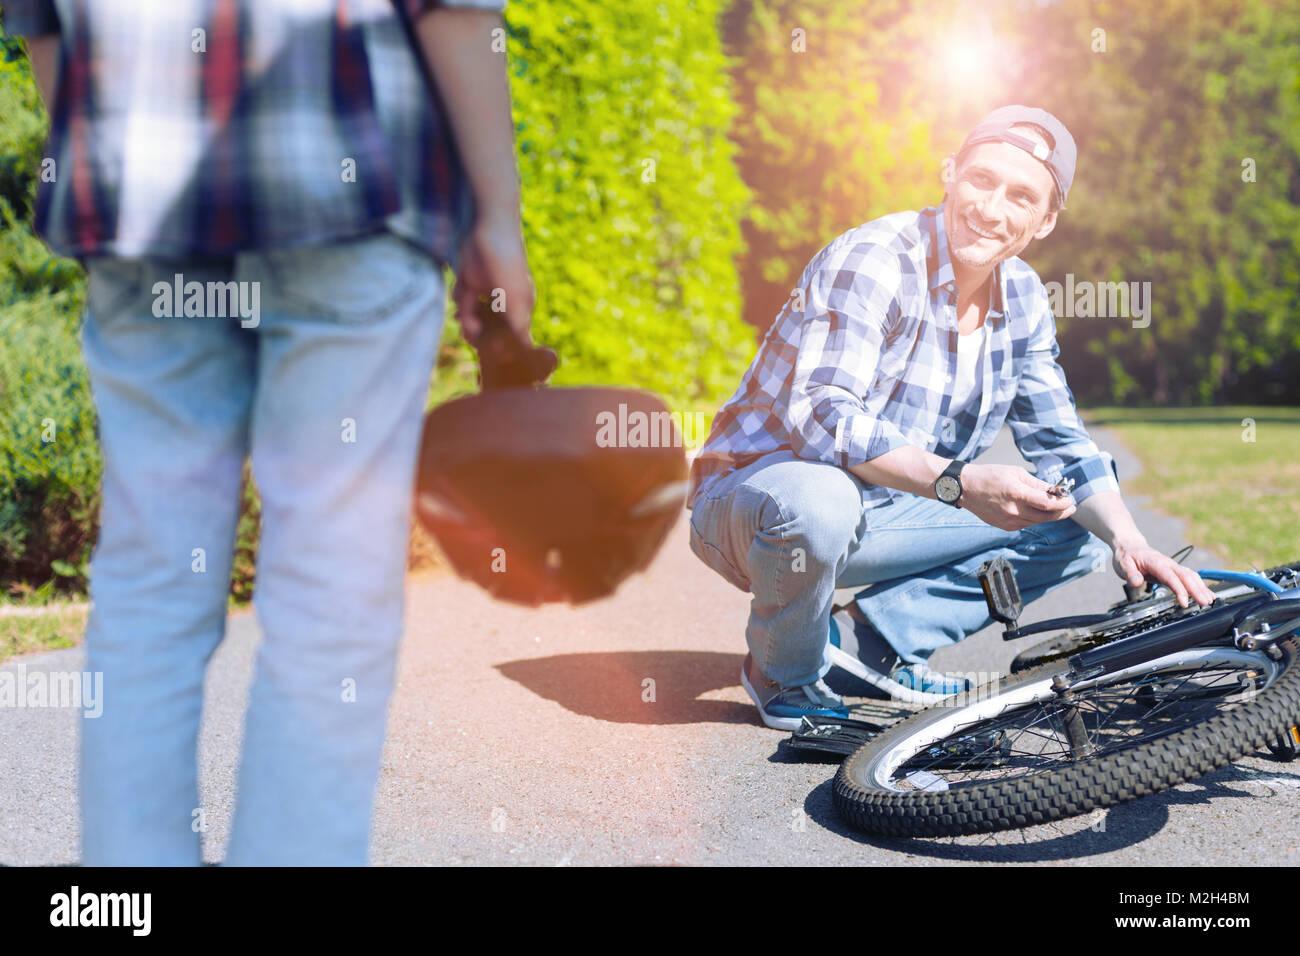 Figlio guardando padre bicicletta di fissaggio in posizione di parcheggio Immagini Stock